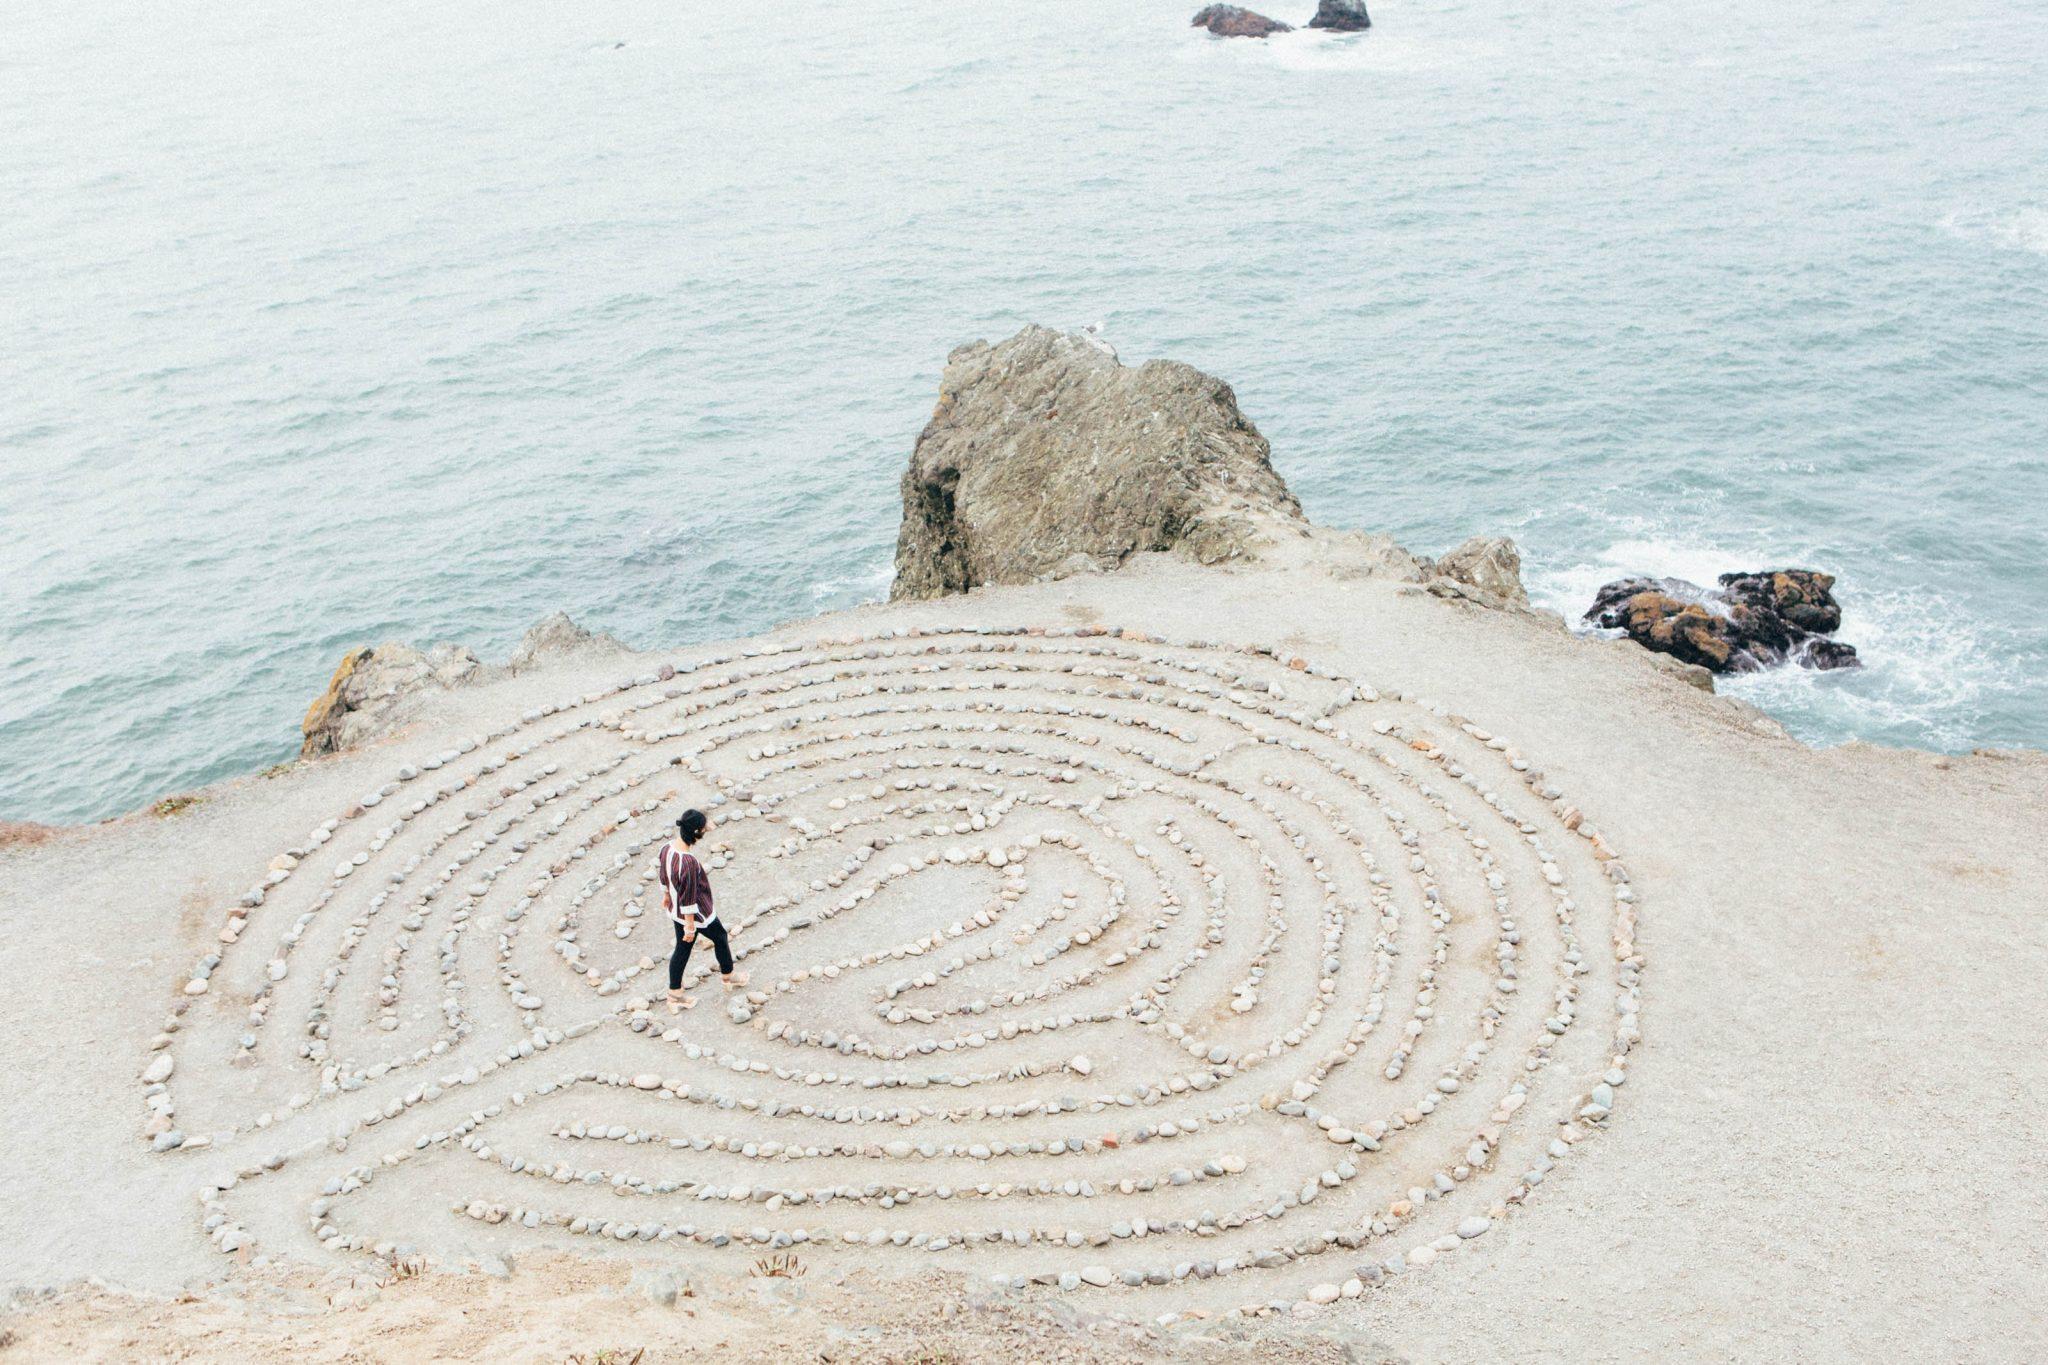 Mindfulness, cos'è, benefici e come praticarla - Spazio Meta psicologi Milano